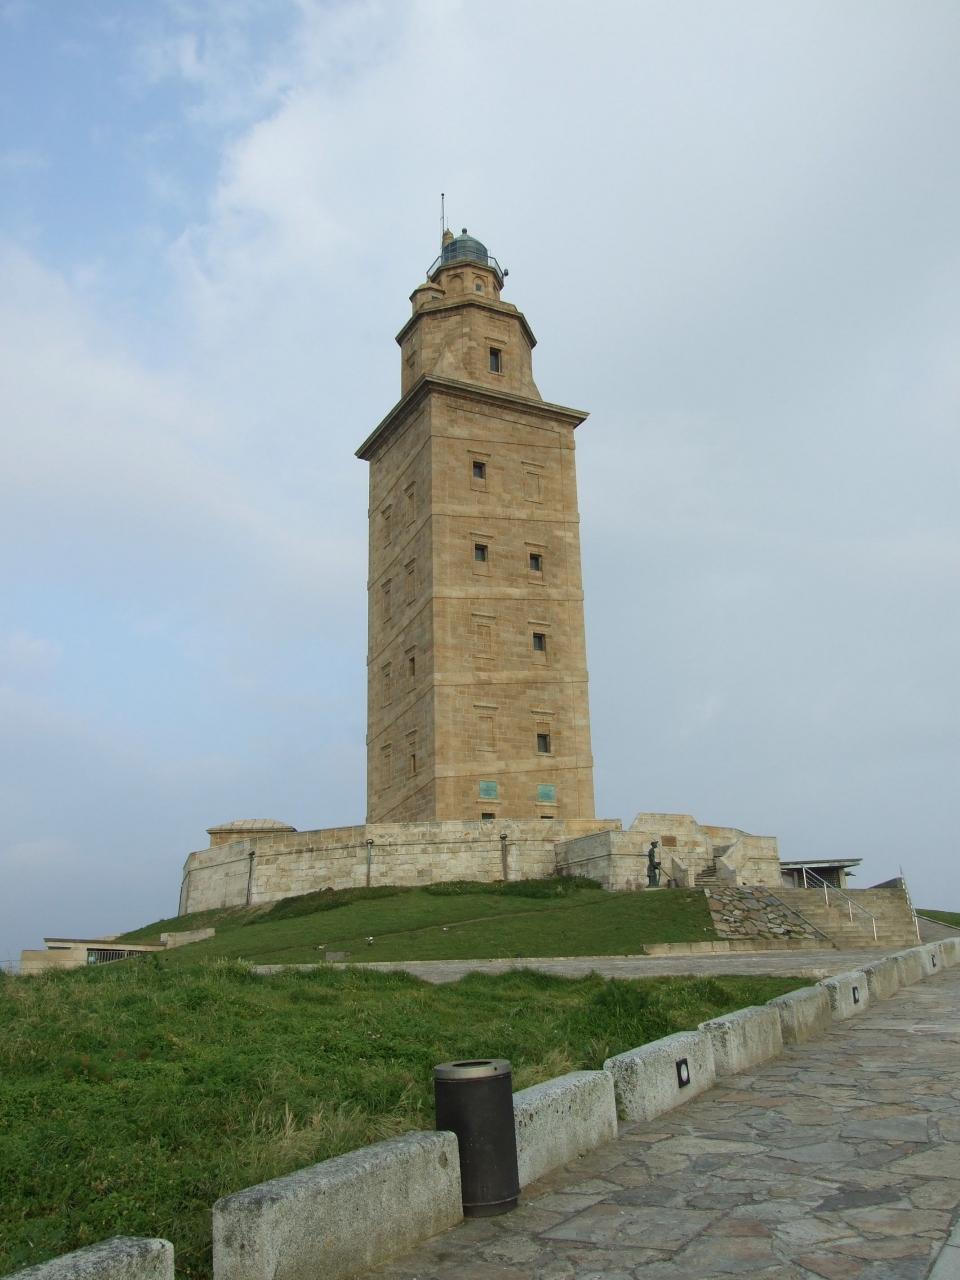 ヘラクレスの塔の画像 p1_17